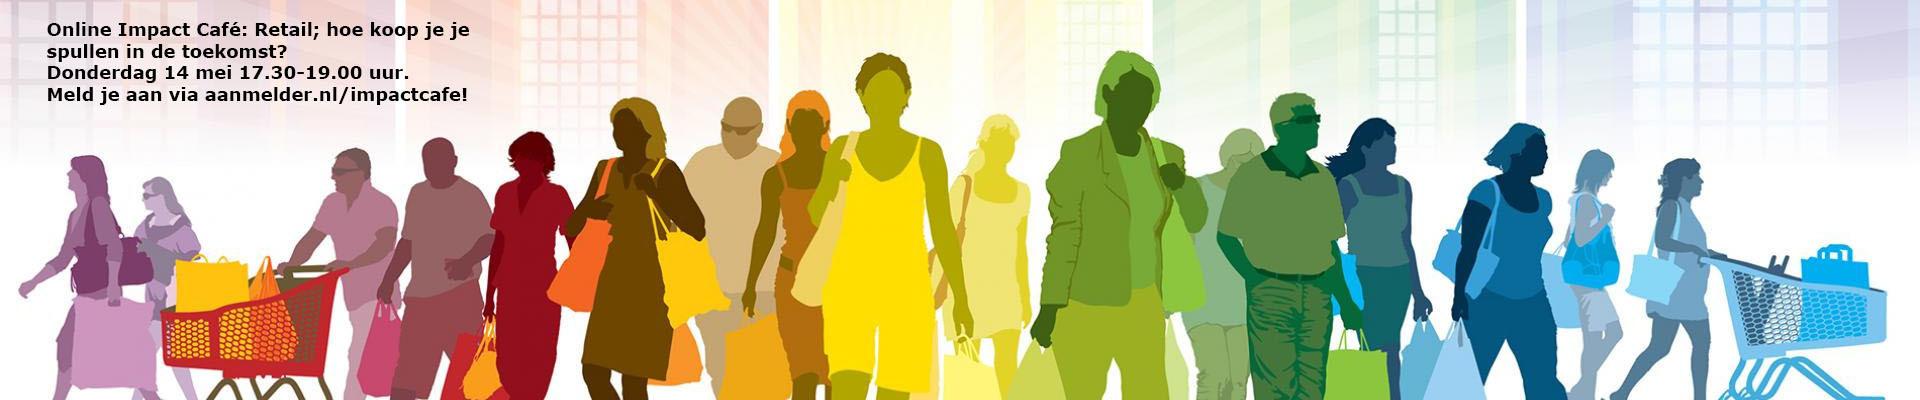 Impact Café mei: Retail; Hoe koop je je spullen in de toekomst?